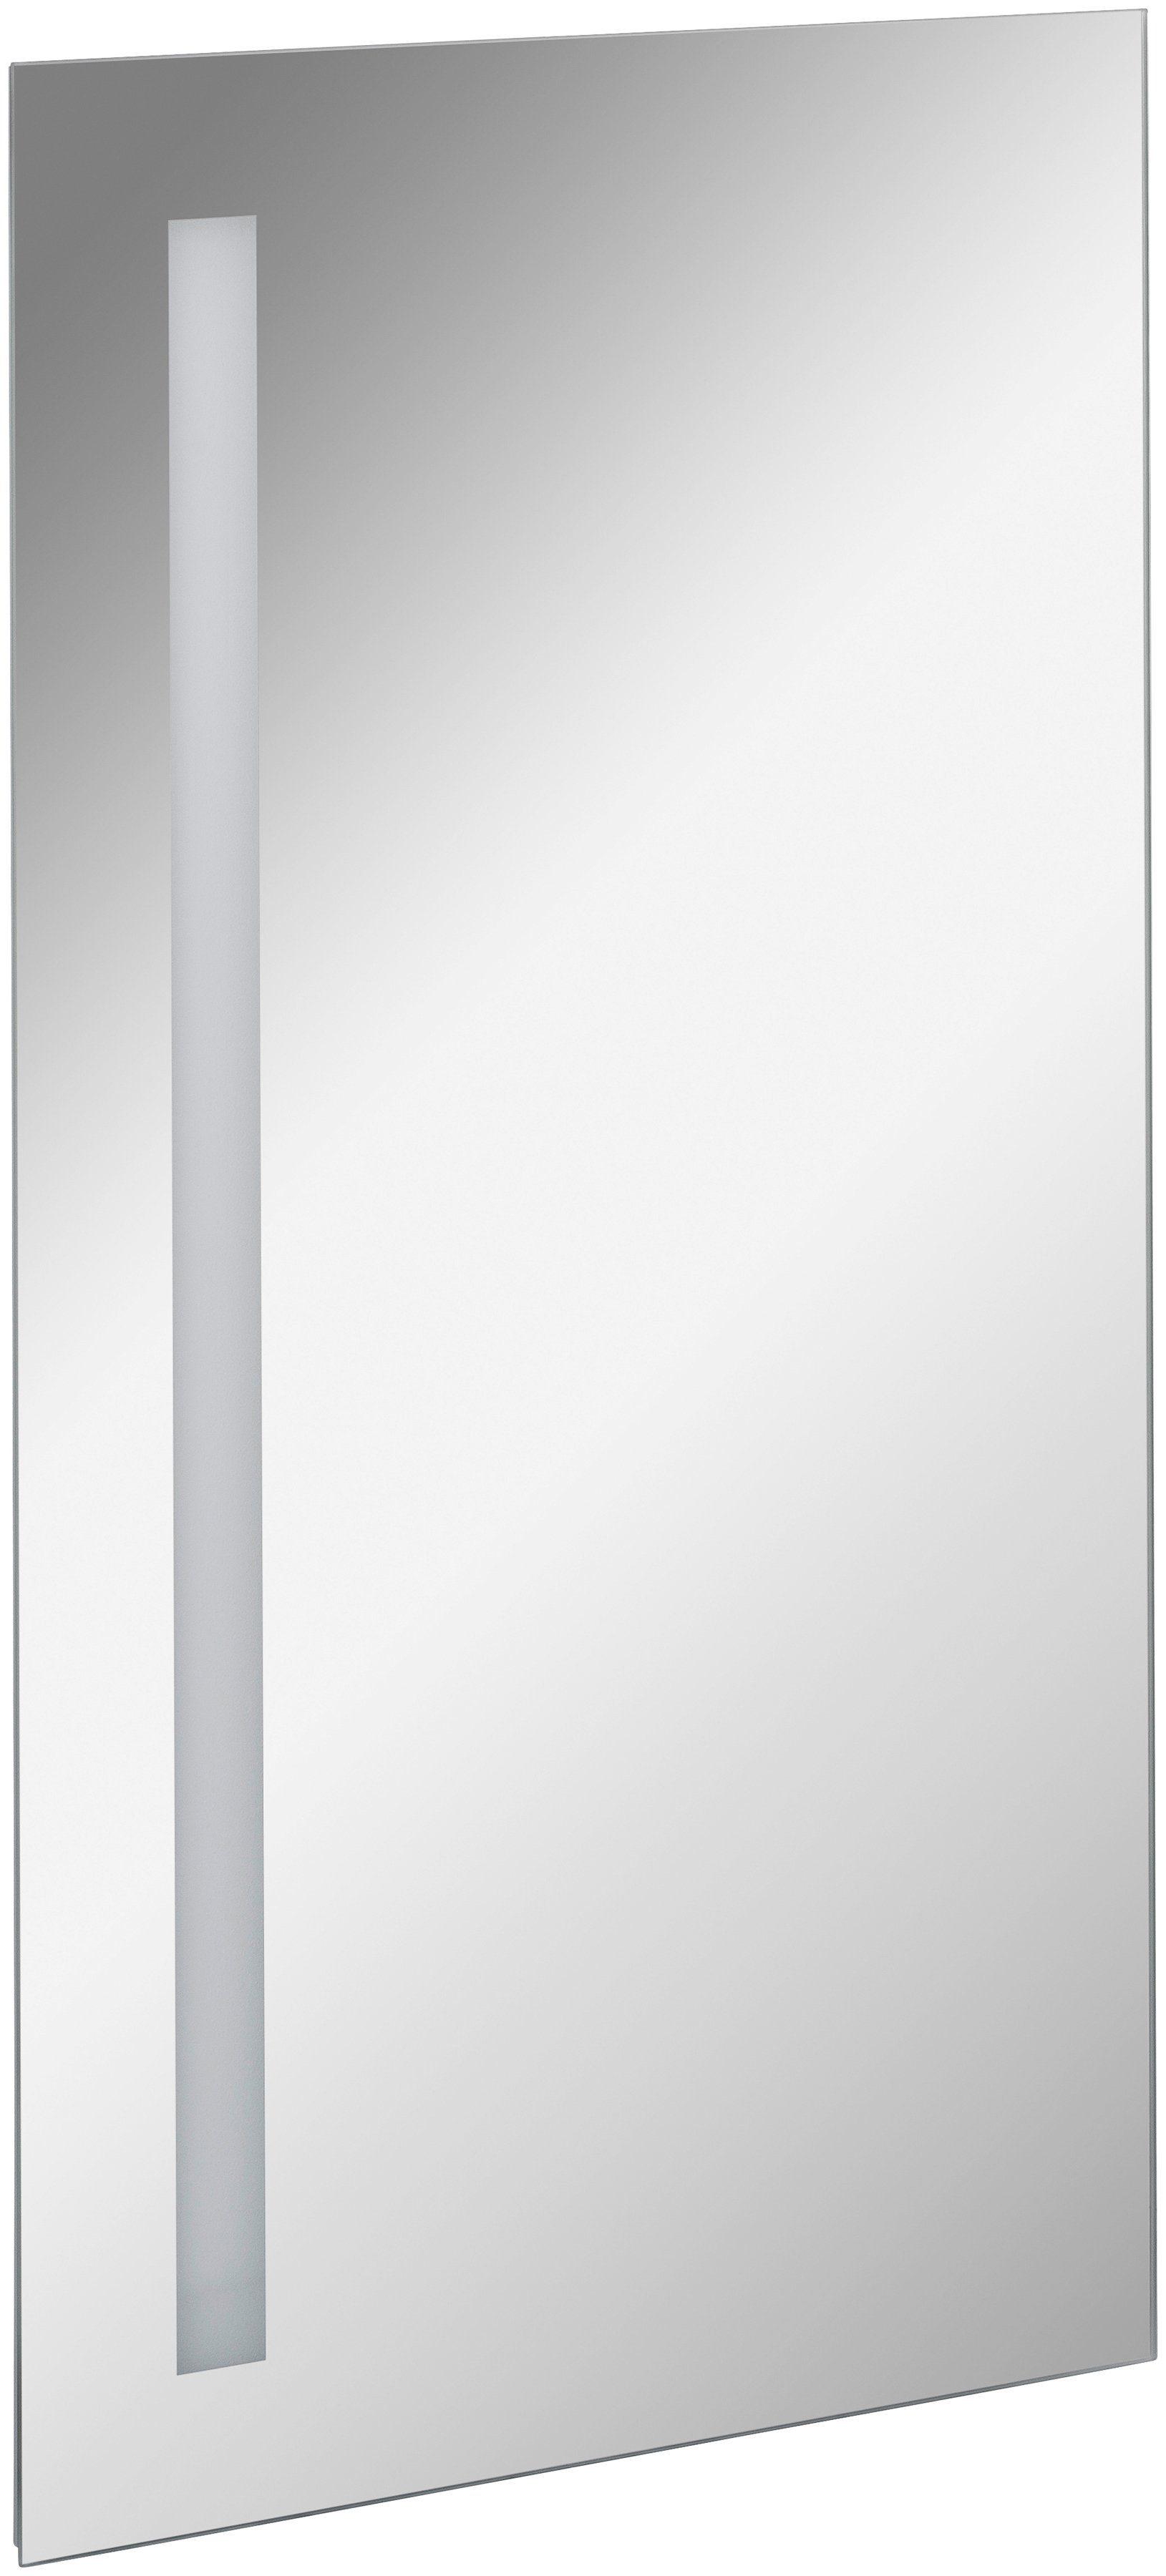 FACKELMANN Spiegelelement »LINEAR«, Breite 40 cm, mit Ambientelicht